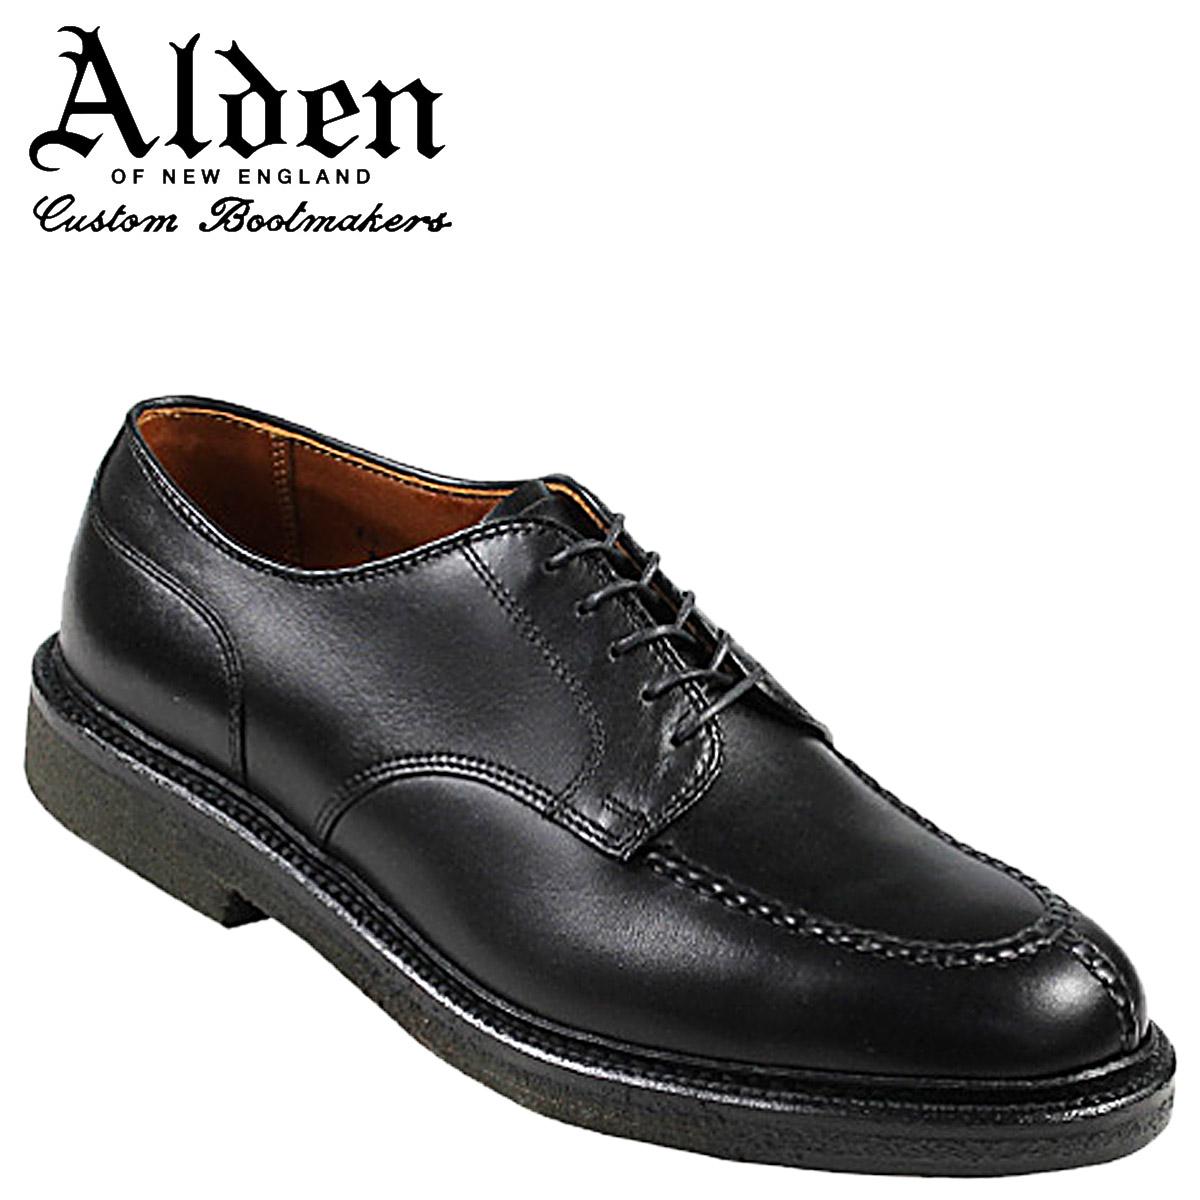 Alden ALDEN shoes ALL WEATHER WALKERS NORWEGIAN FRONT BLUCHER D Wise 2965  men